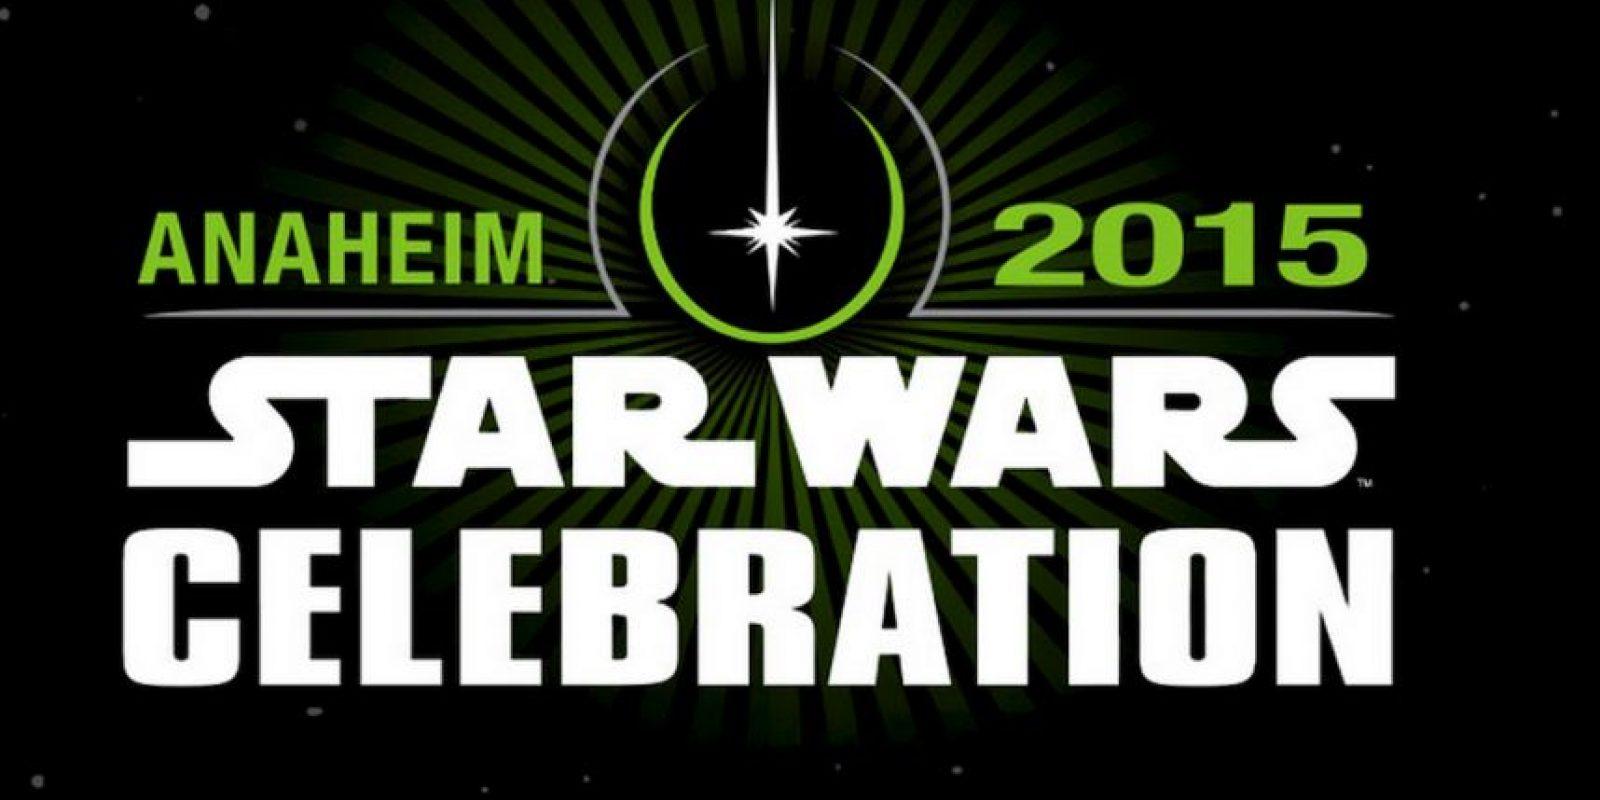 """El marco fue el evento anual """"Star Wars Celebration"""", con sede en Anaheim, California, Estados Unidos. Foto:Twitter"""